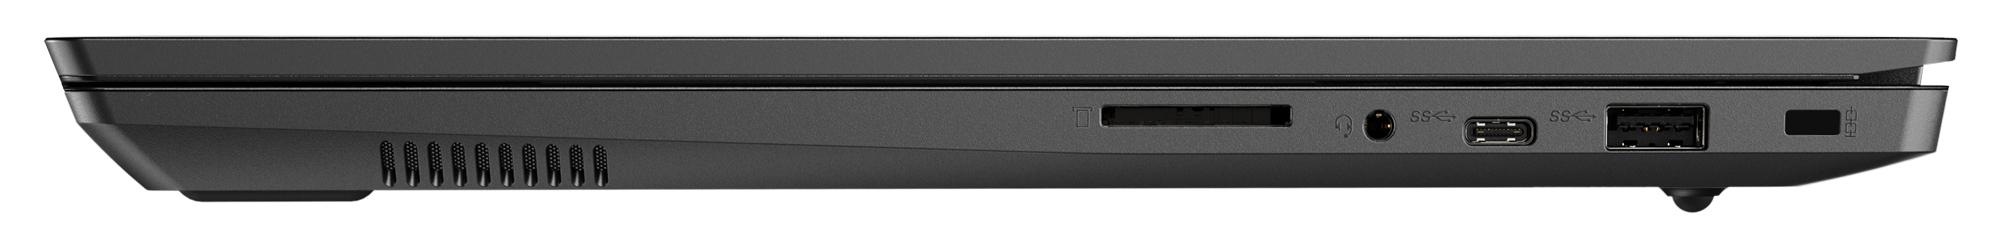 Фото  Ноутбук Lenovo V330-14 Grey (81AY000MRA)